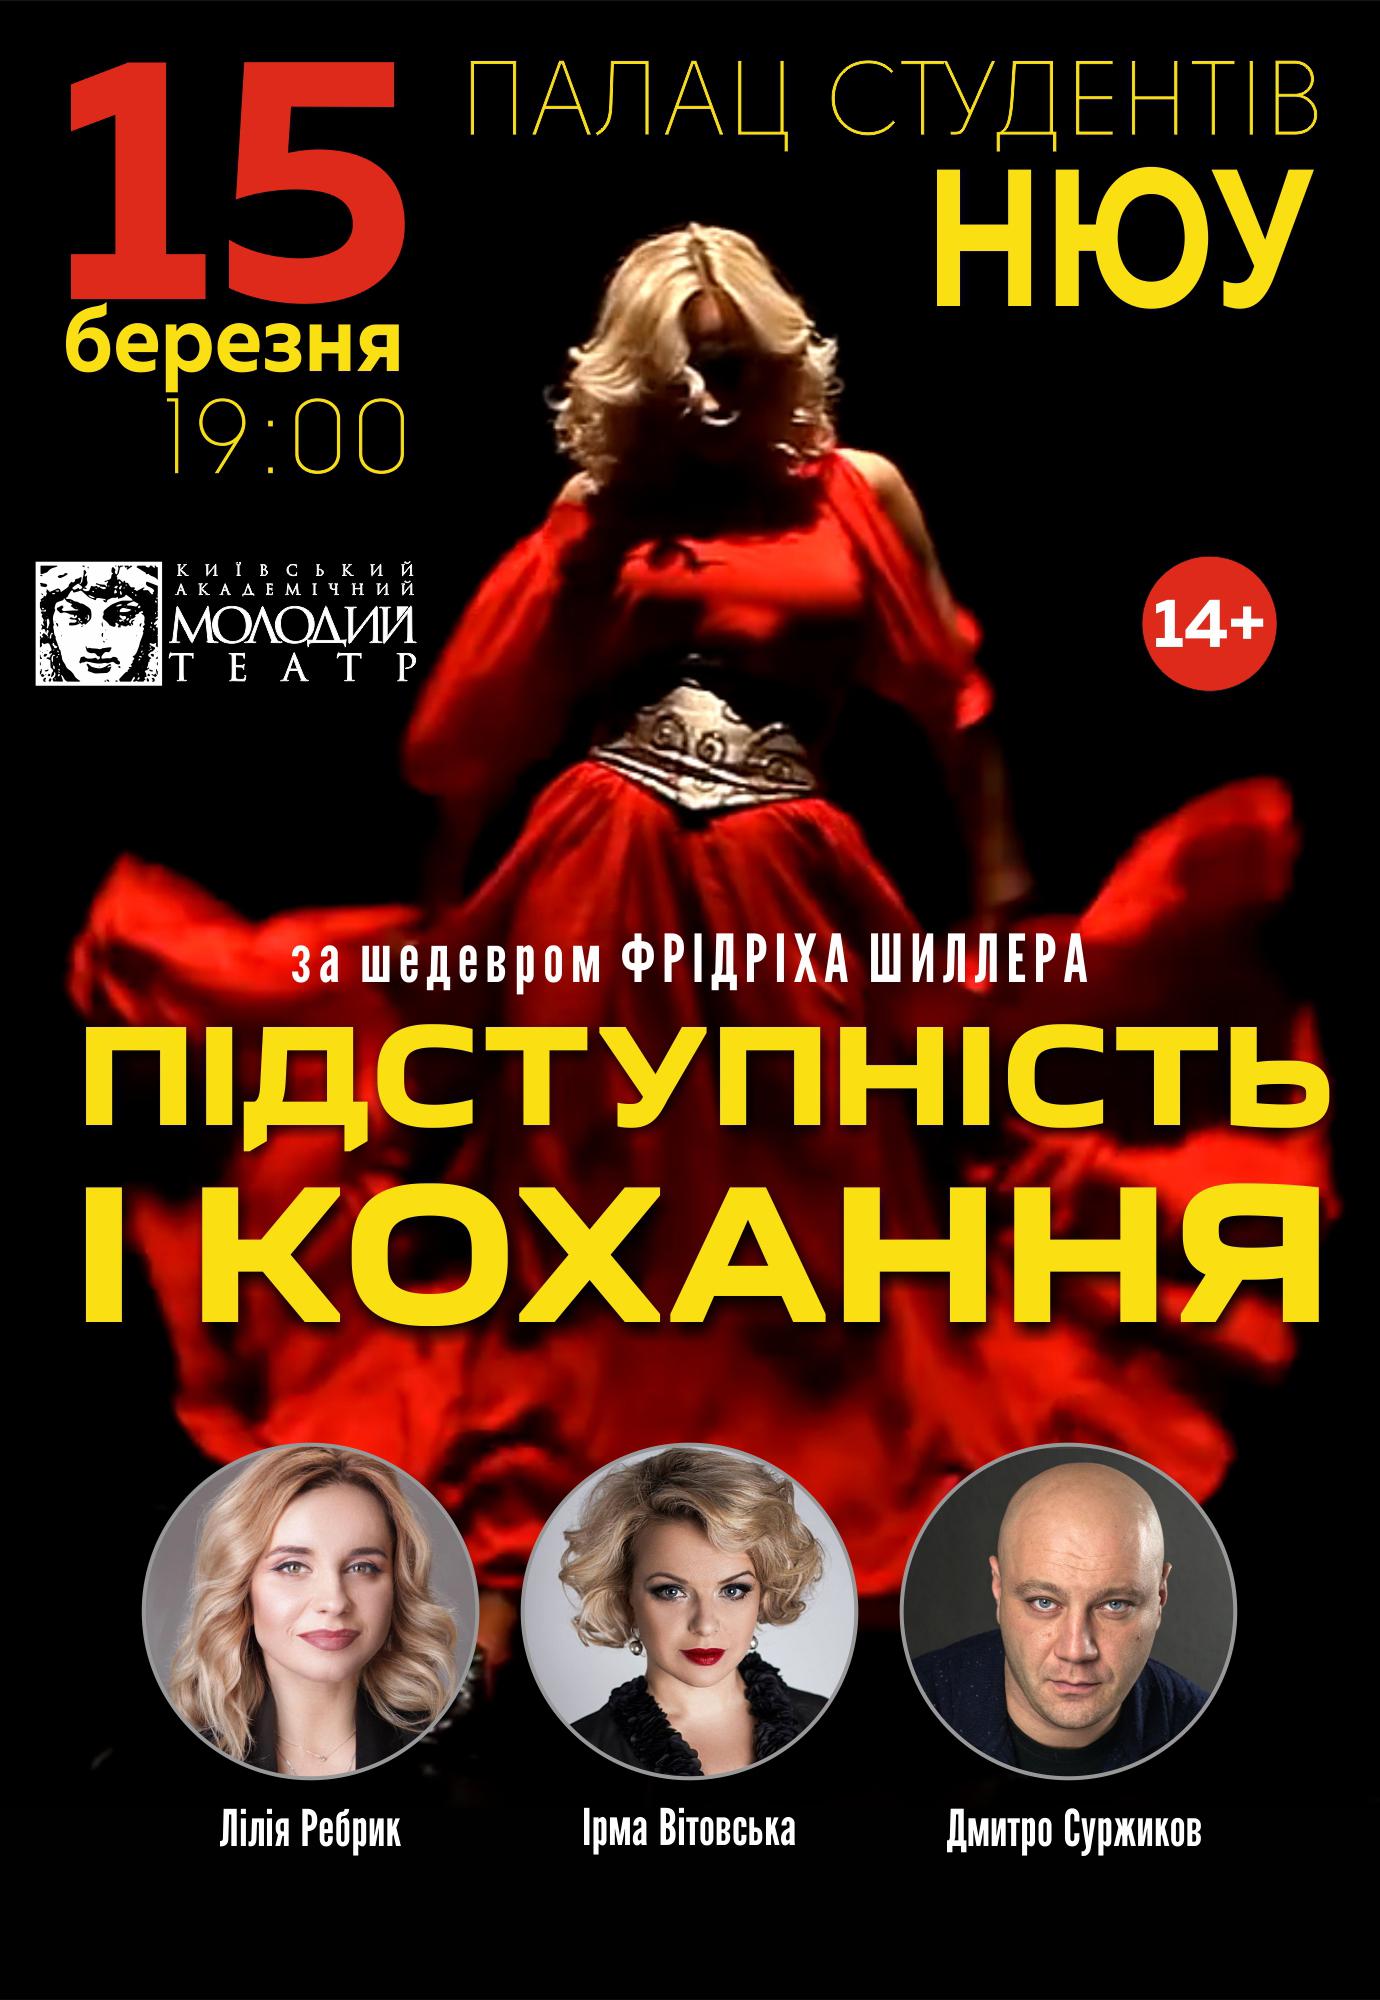 Купить билеты по интернет на спектакль киркоров билеты на концерт сочи